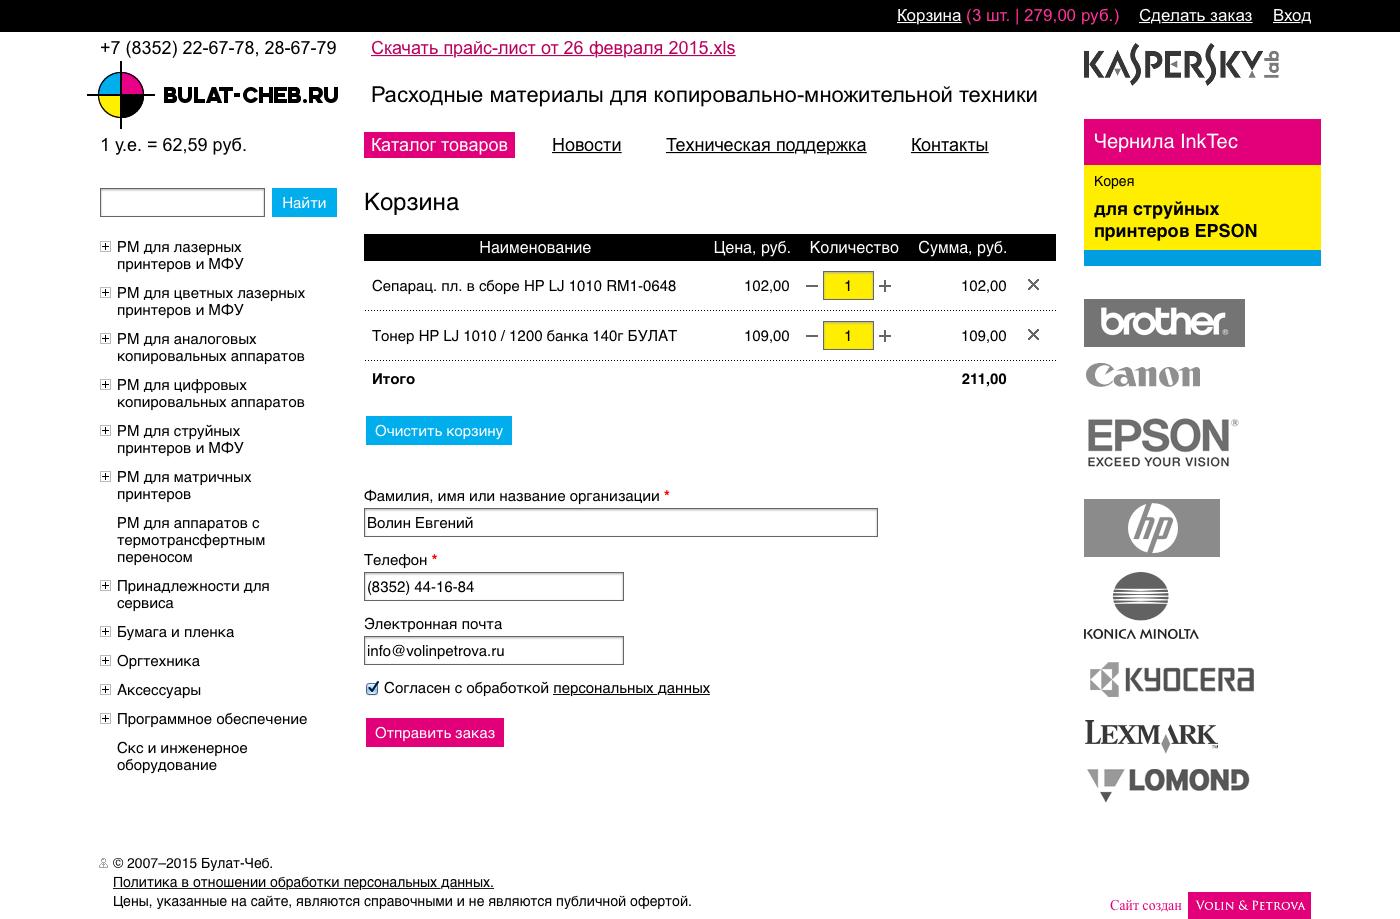 Закажите веб-сайт. Стоимость изготовления от 8000 руб.